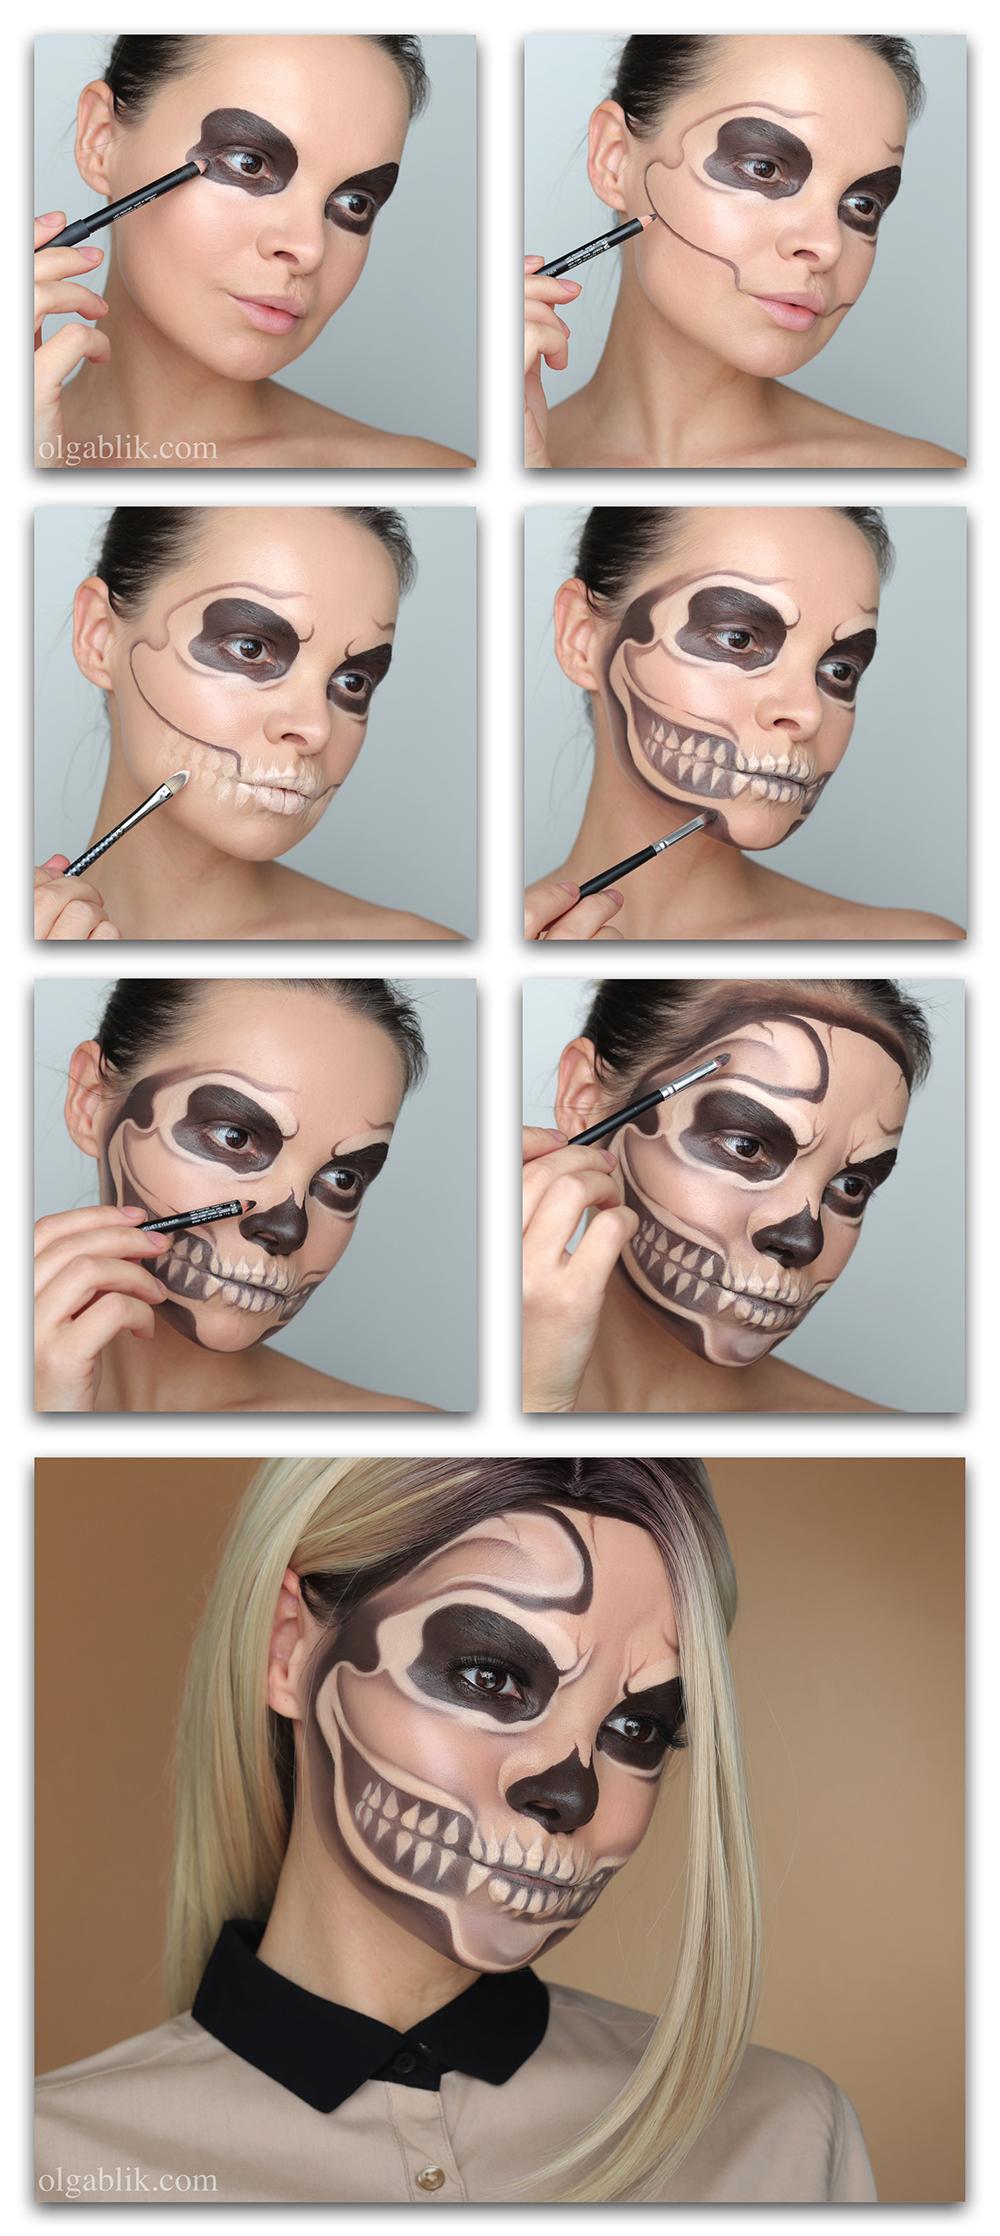 Как сделать макияж скелета на Хэллоуин, грим на Хэллоуин фото, макияж на Хэллоуин для девушек